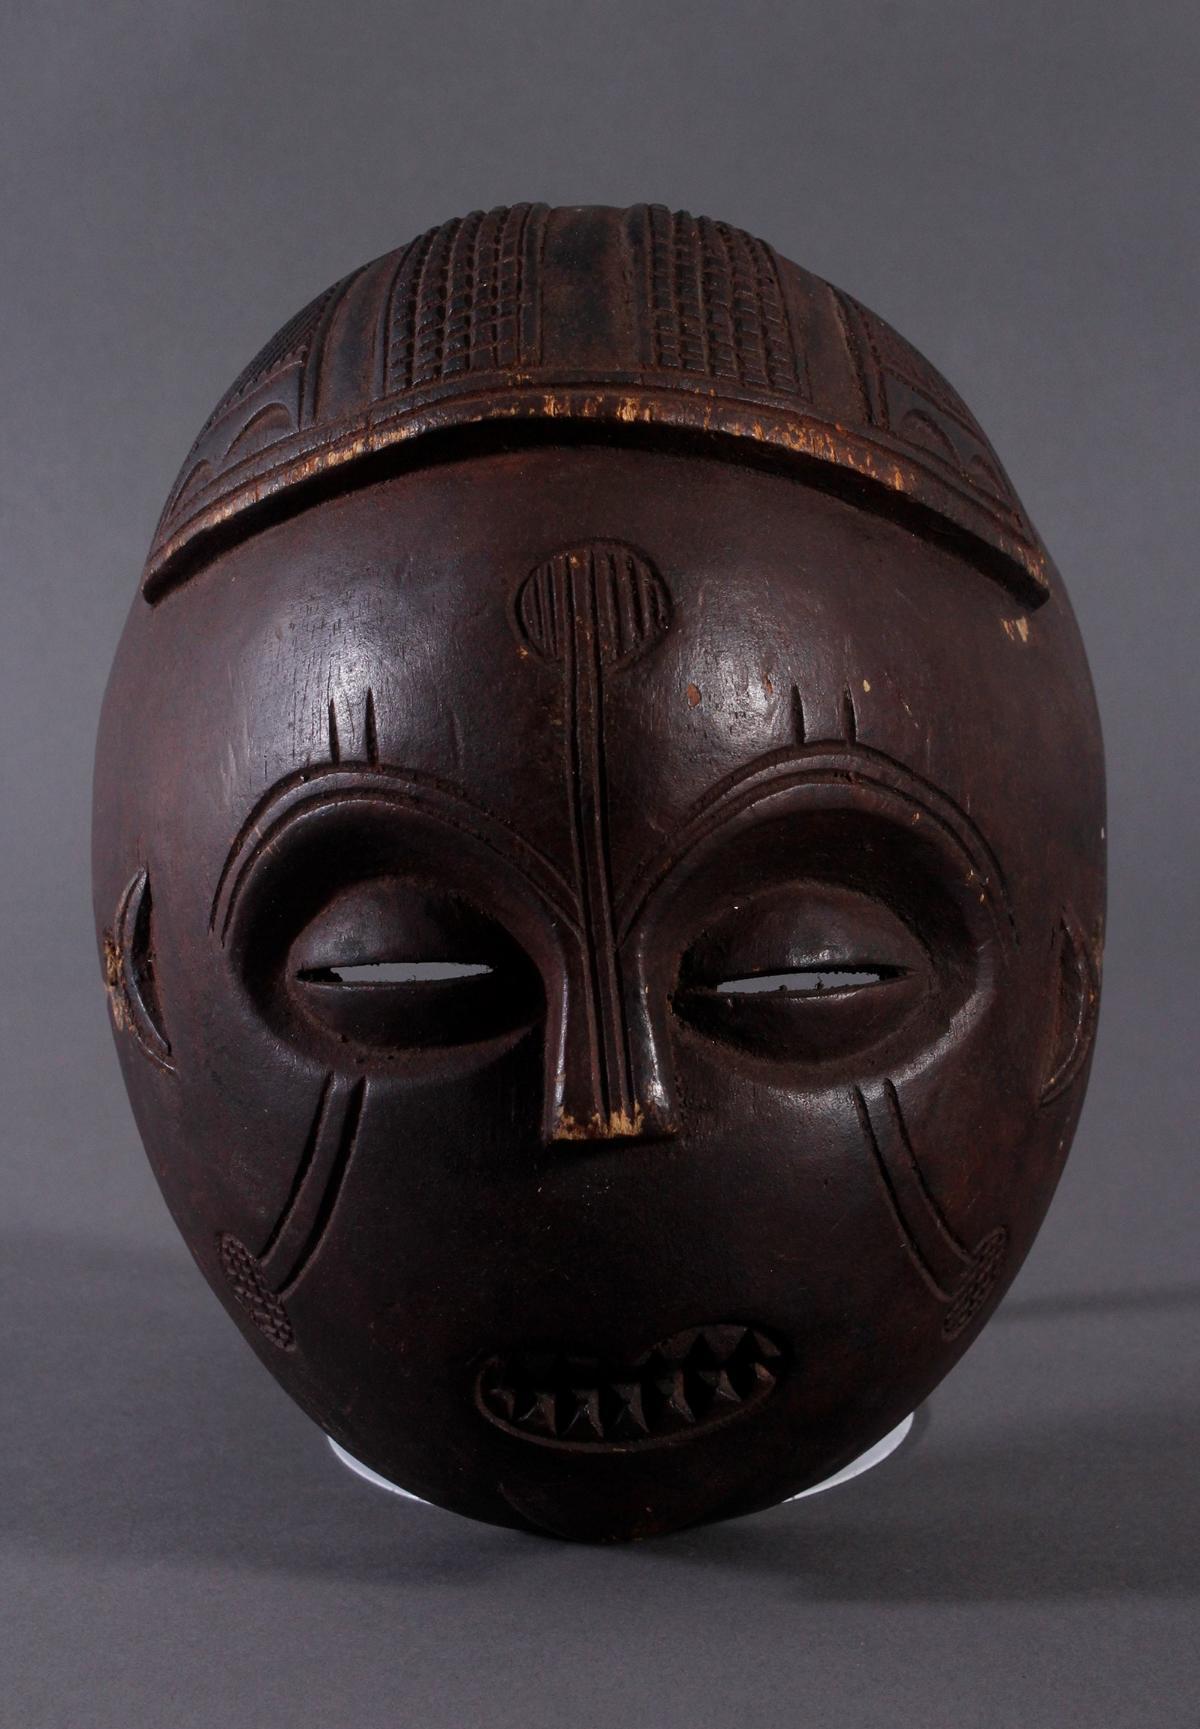 Antike Maske, Mbunda, Sambia 1. Hälfte 20. Jh.Holz geschnitzt, braune Patina, ovale Form,